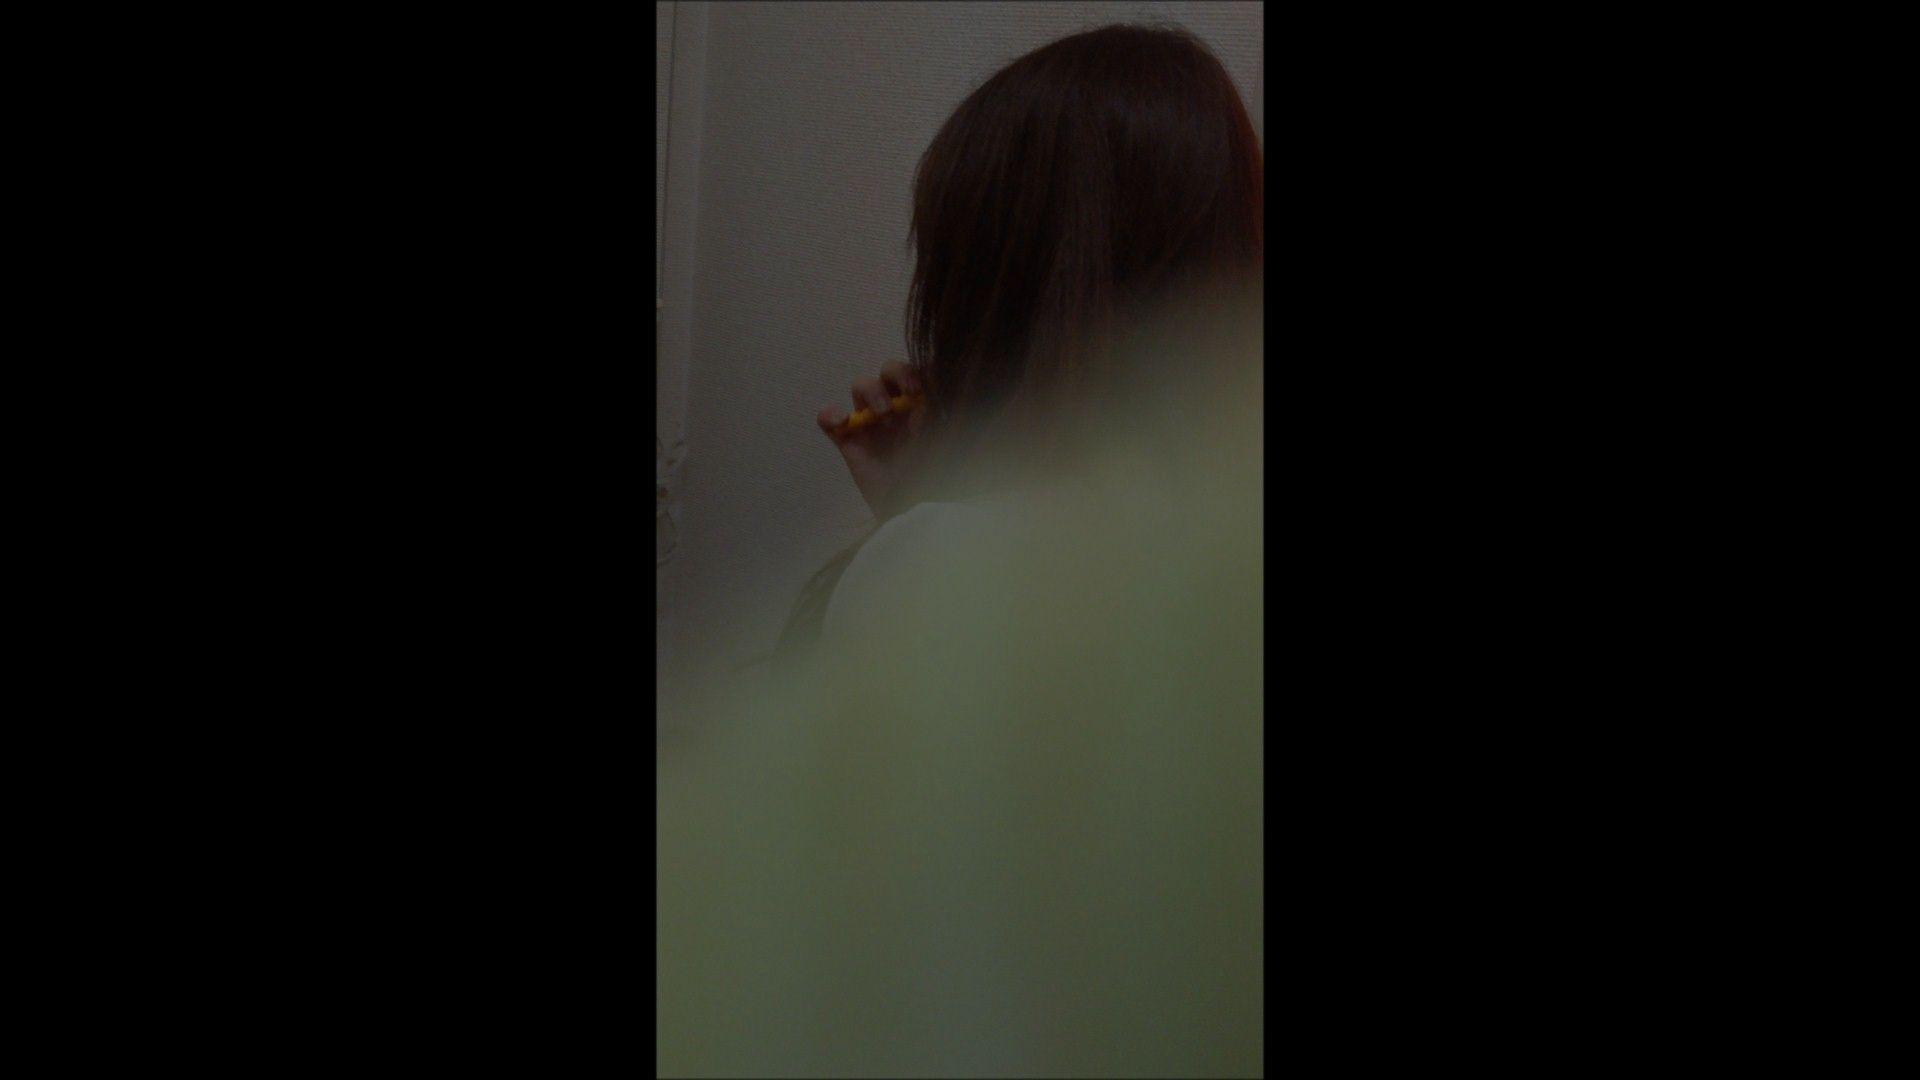 08(8日目)メイク中の彼女の顔を撮りました! マンコ特集 | オマンコ丸見え  59連発 7